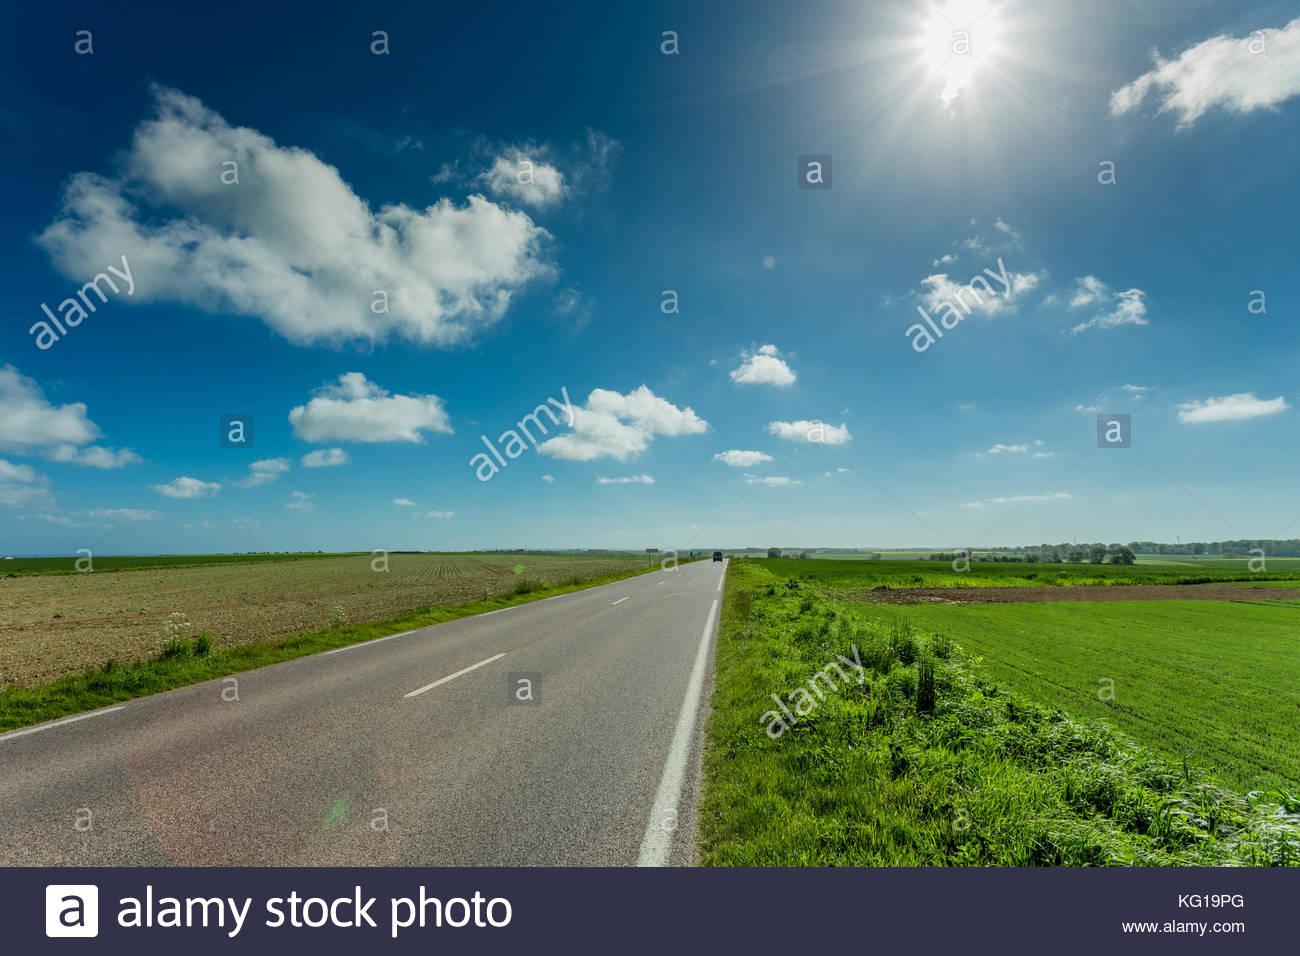 Leeren asphalt Land Road vorbei durch die grünen und blühenden landwirtschaftlichen Feldern. Landschaft Stockbild